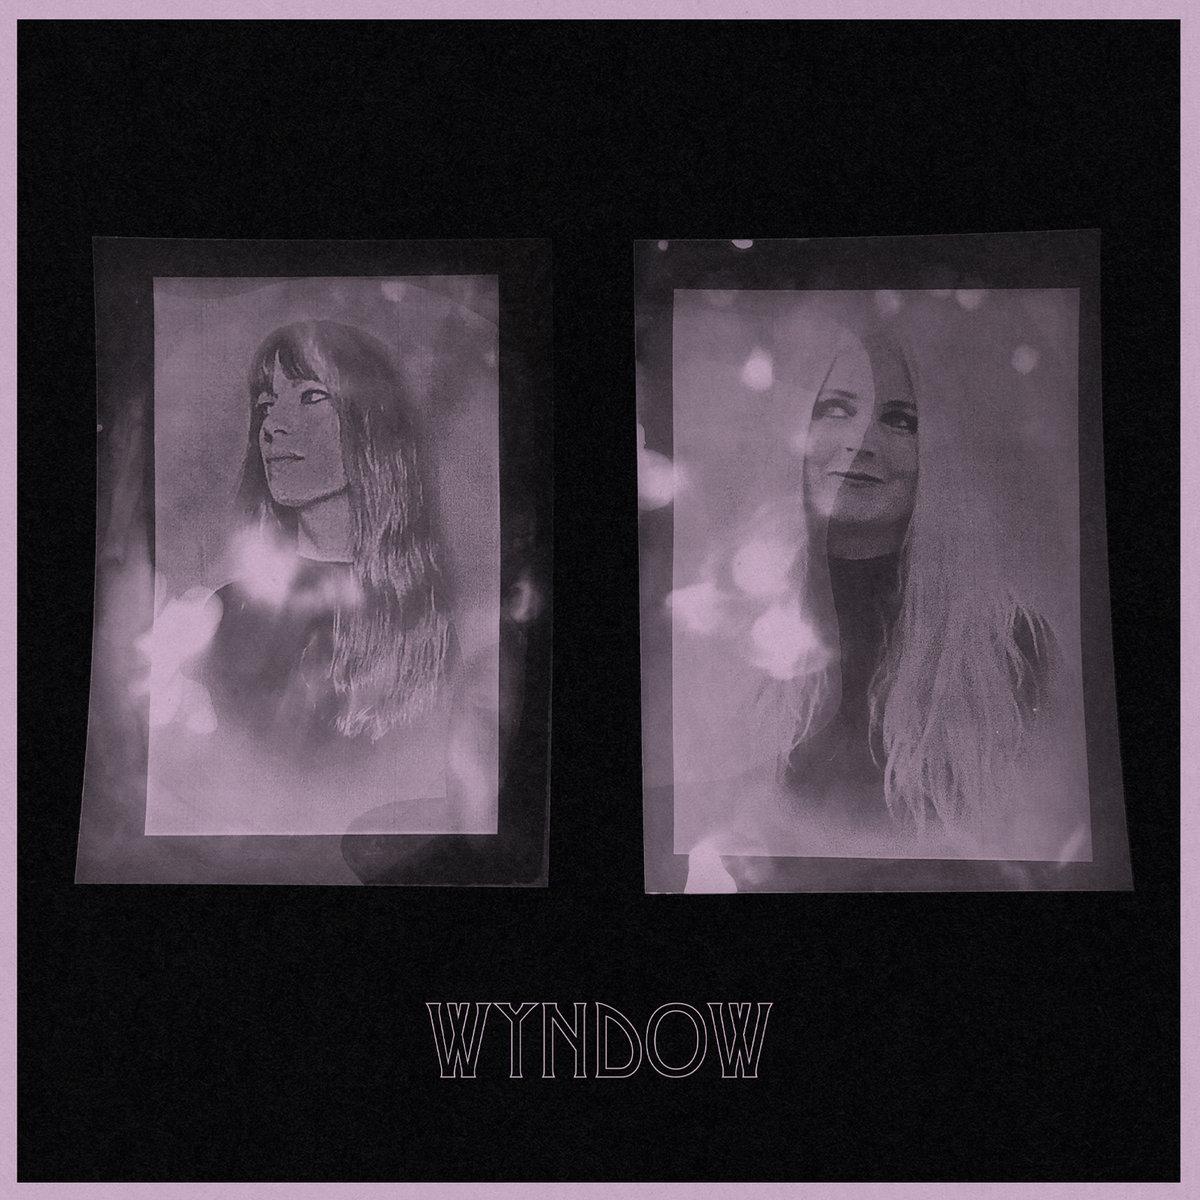 wyndow